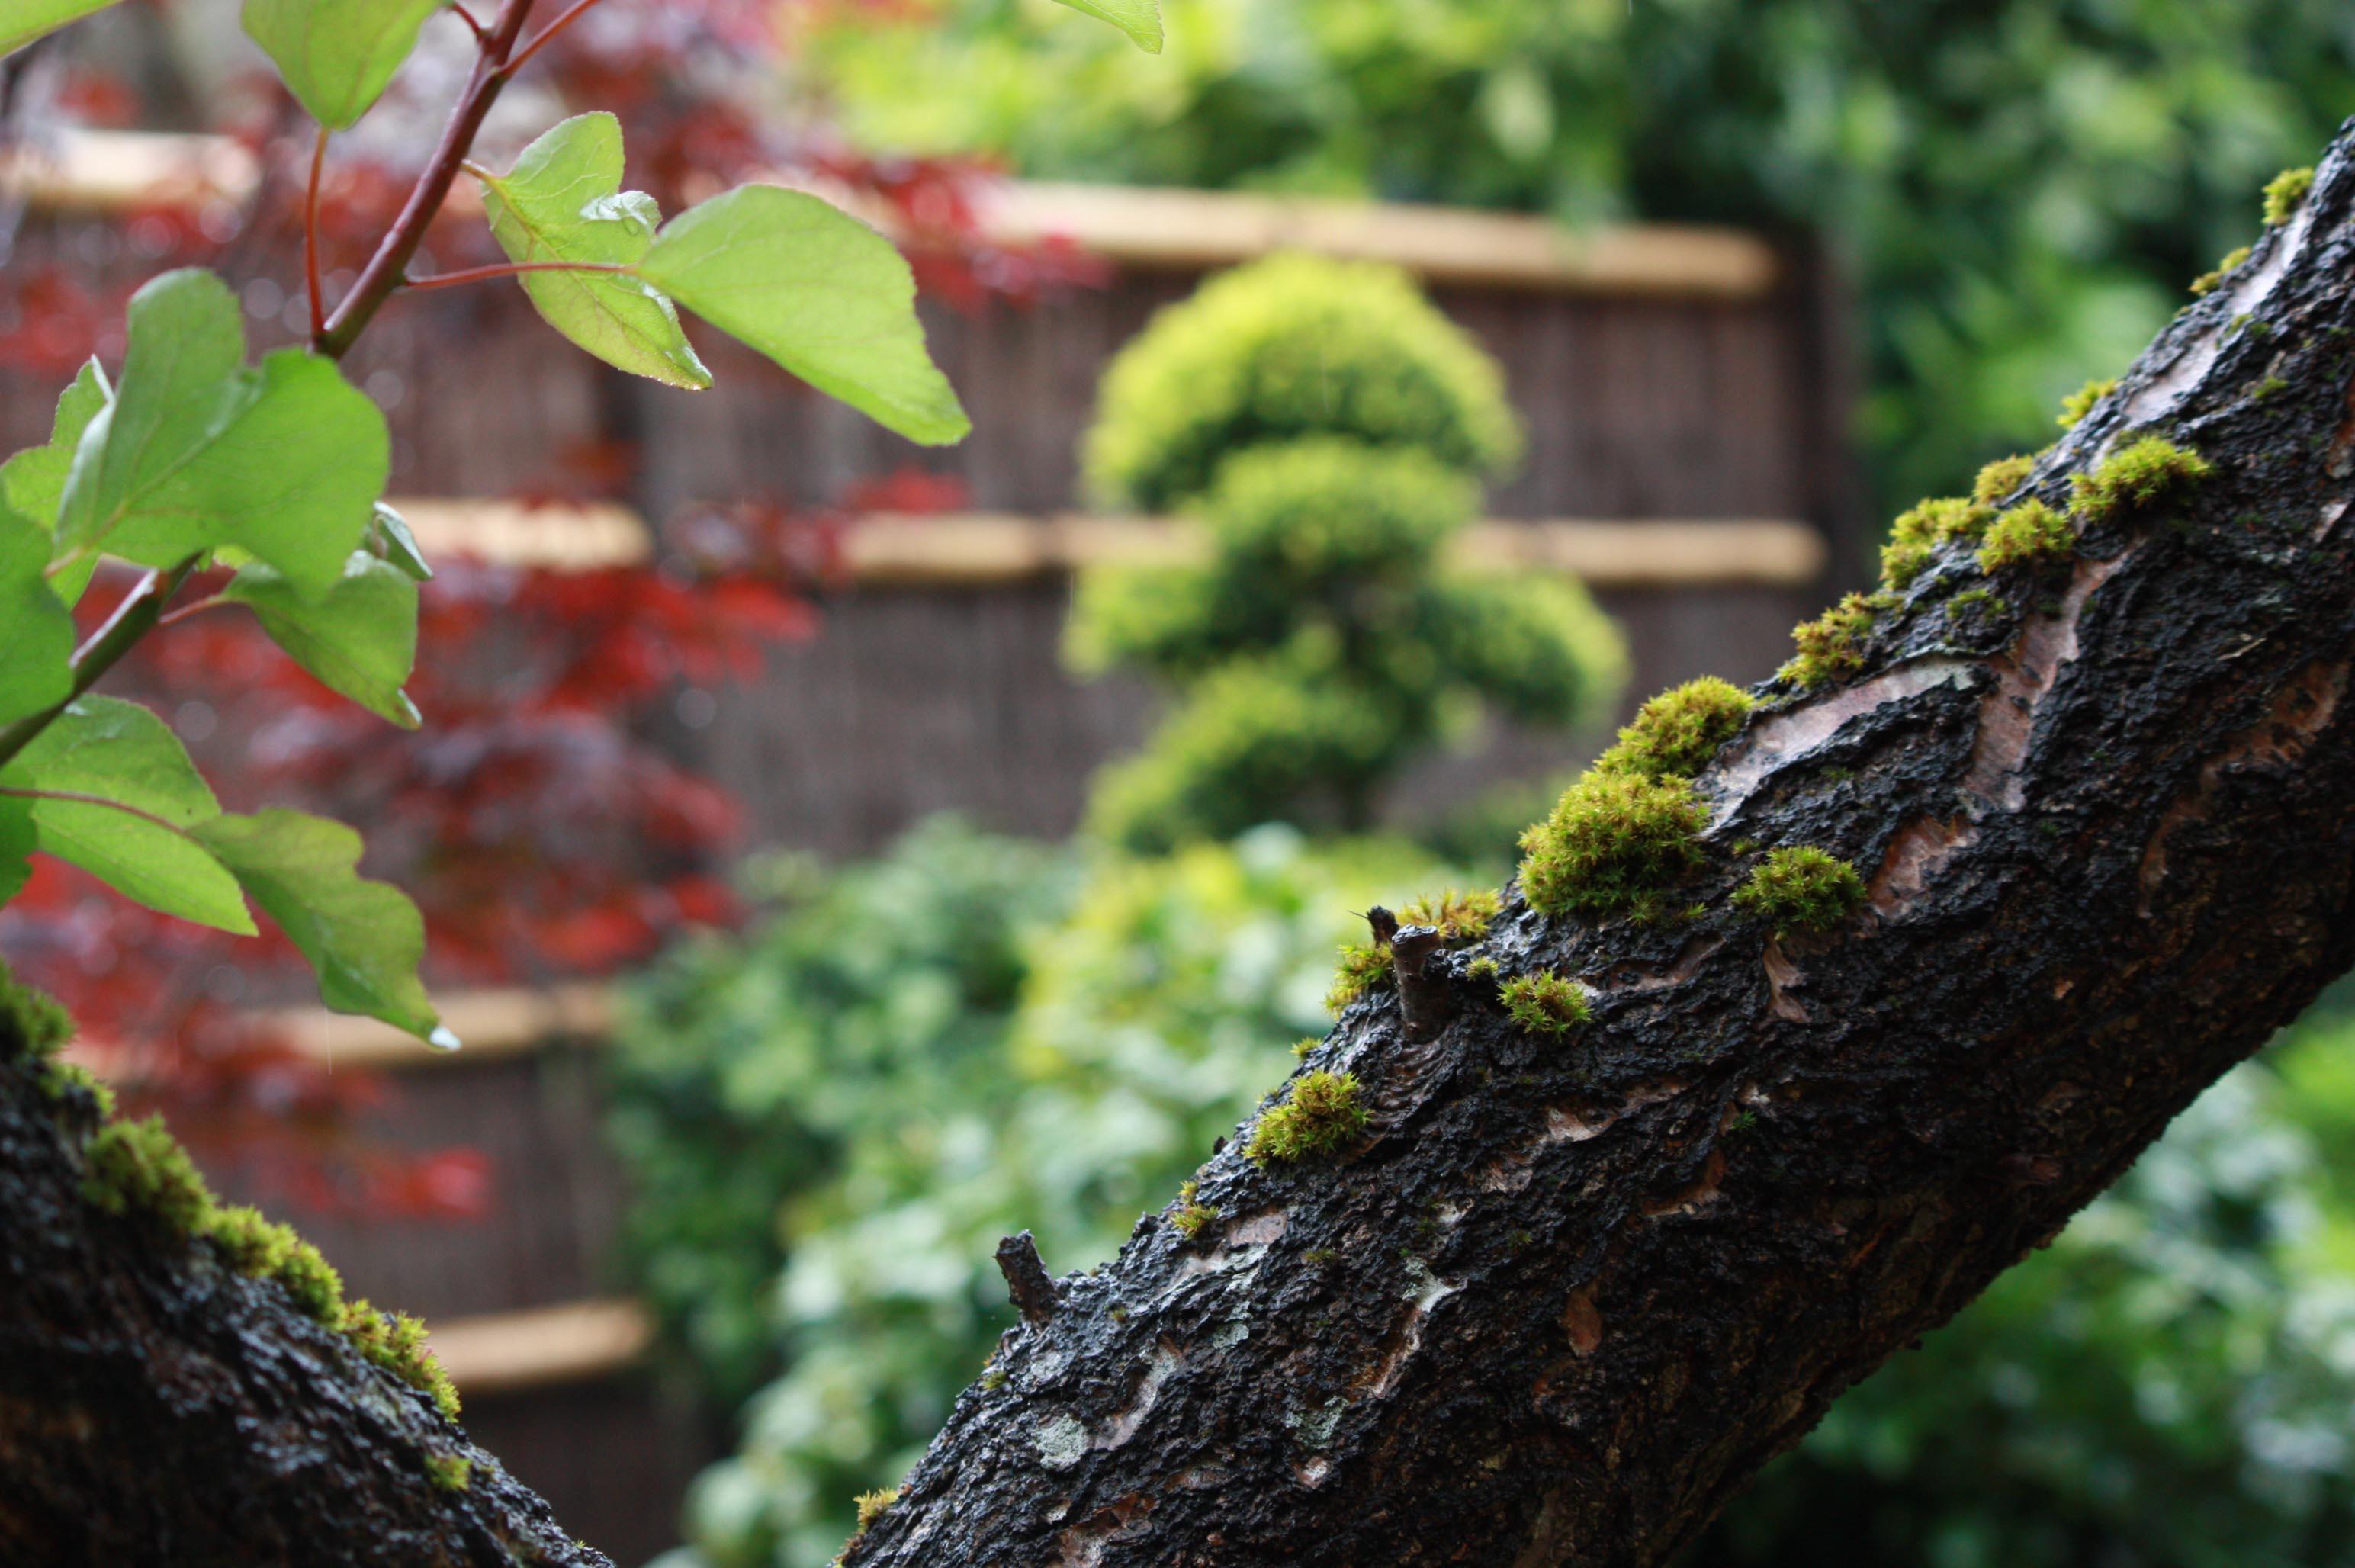 Jardin japonais rouge conception et r alisation for Conception jardin japonais